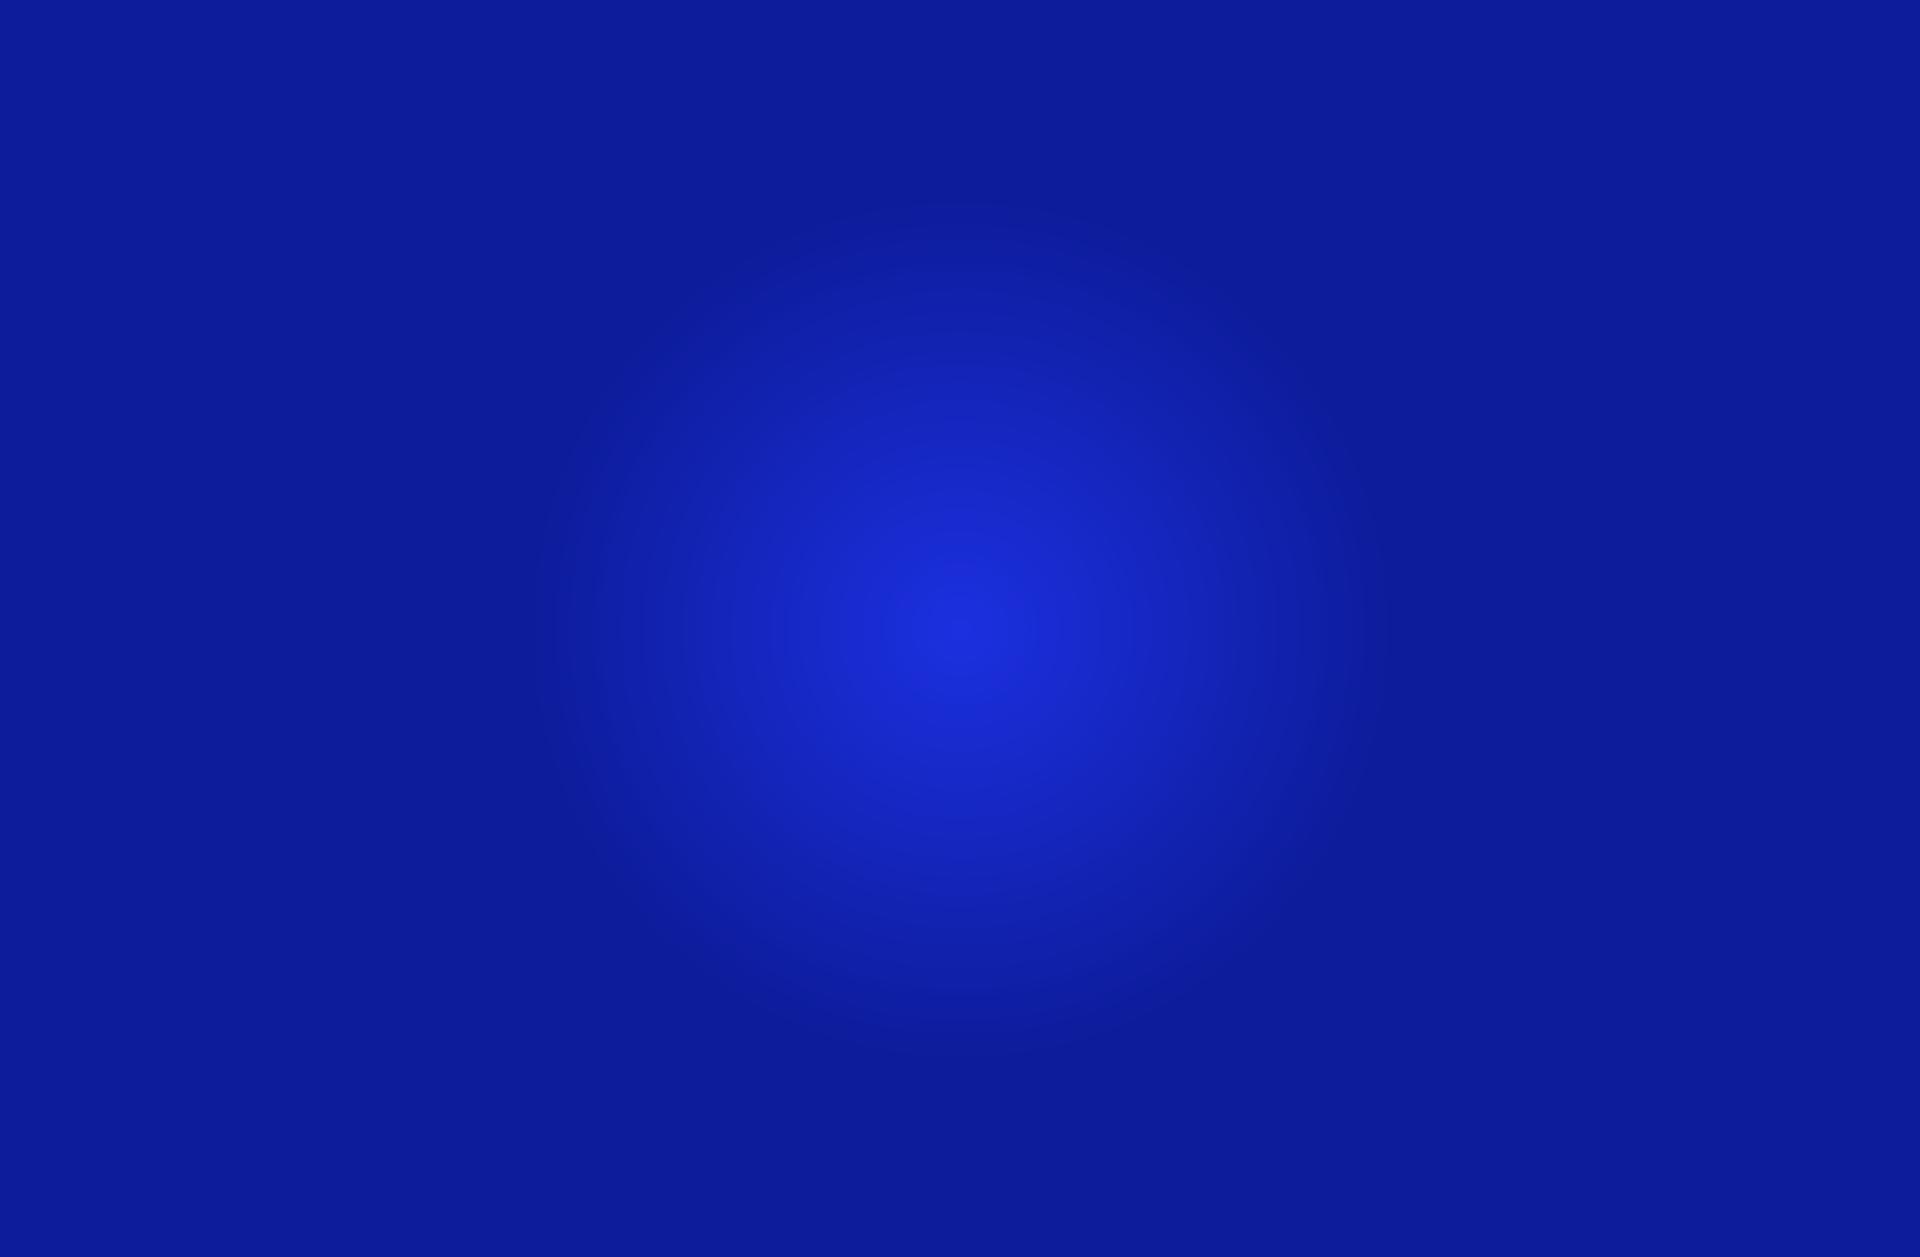 синий фон